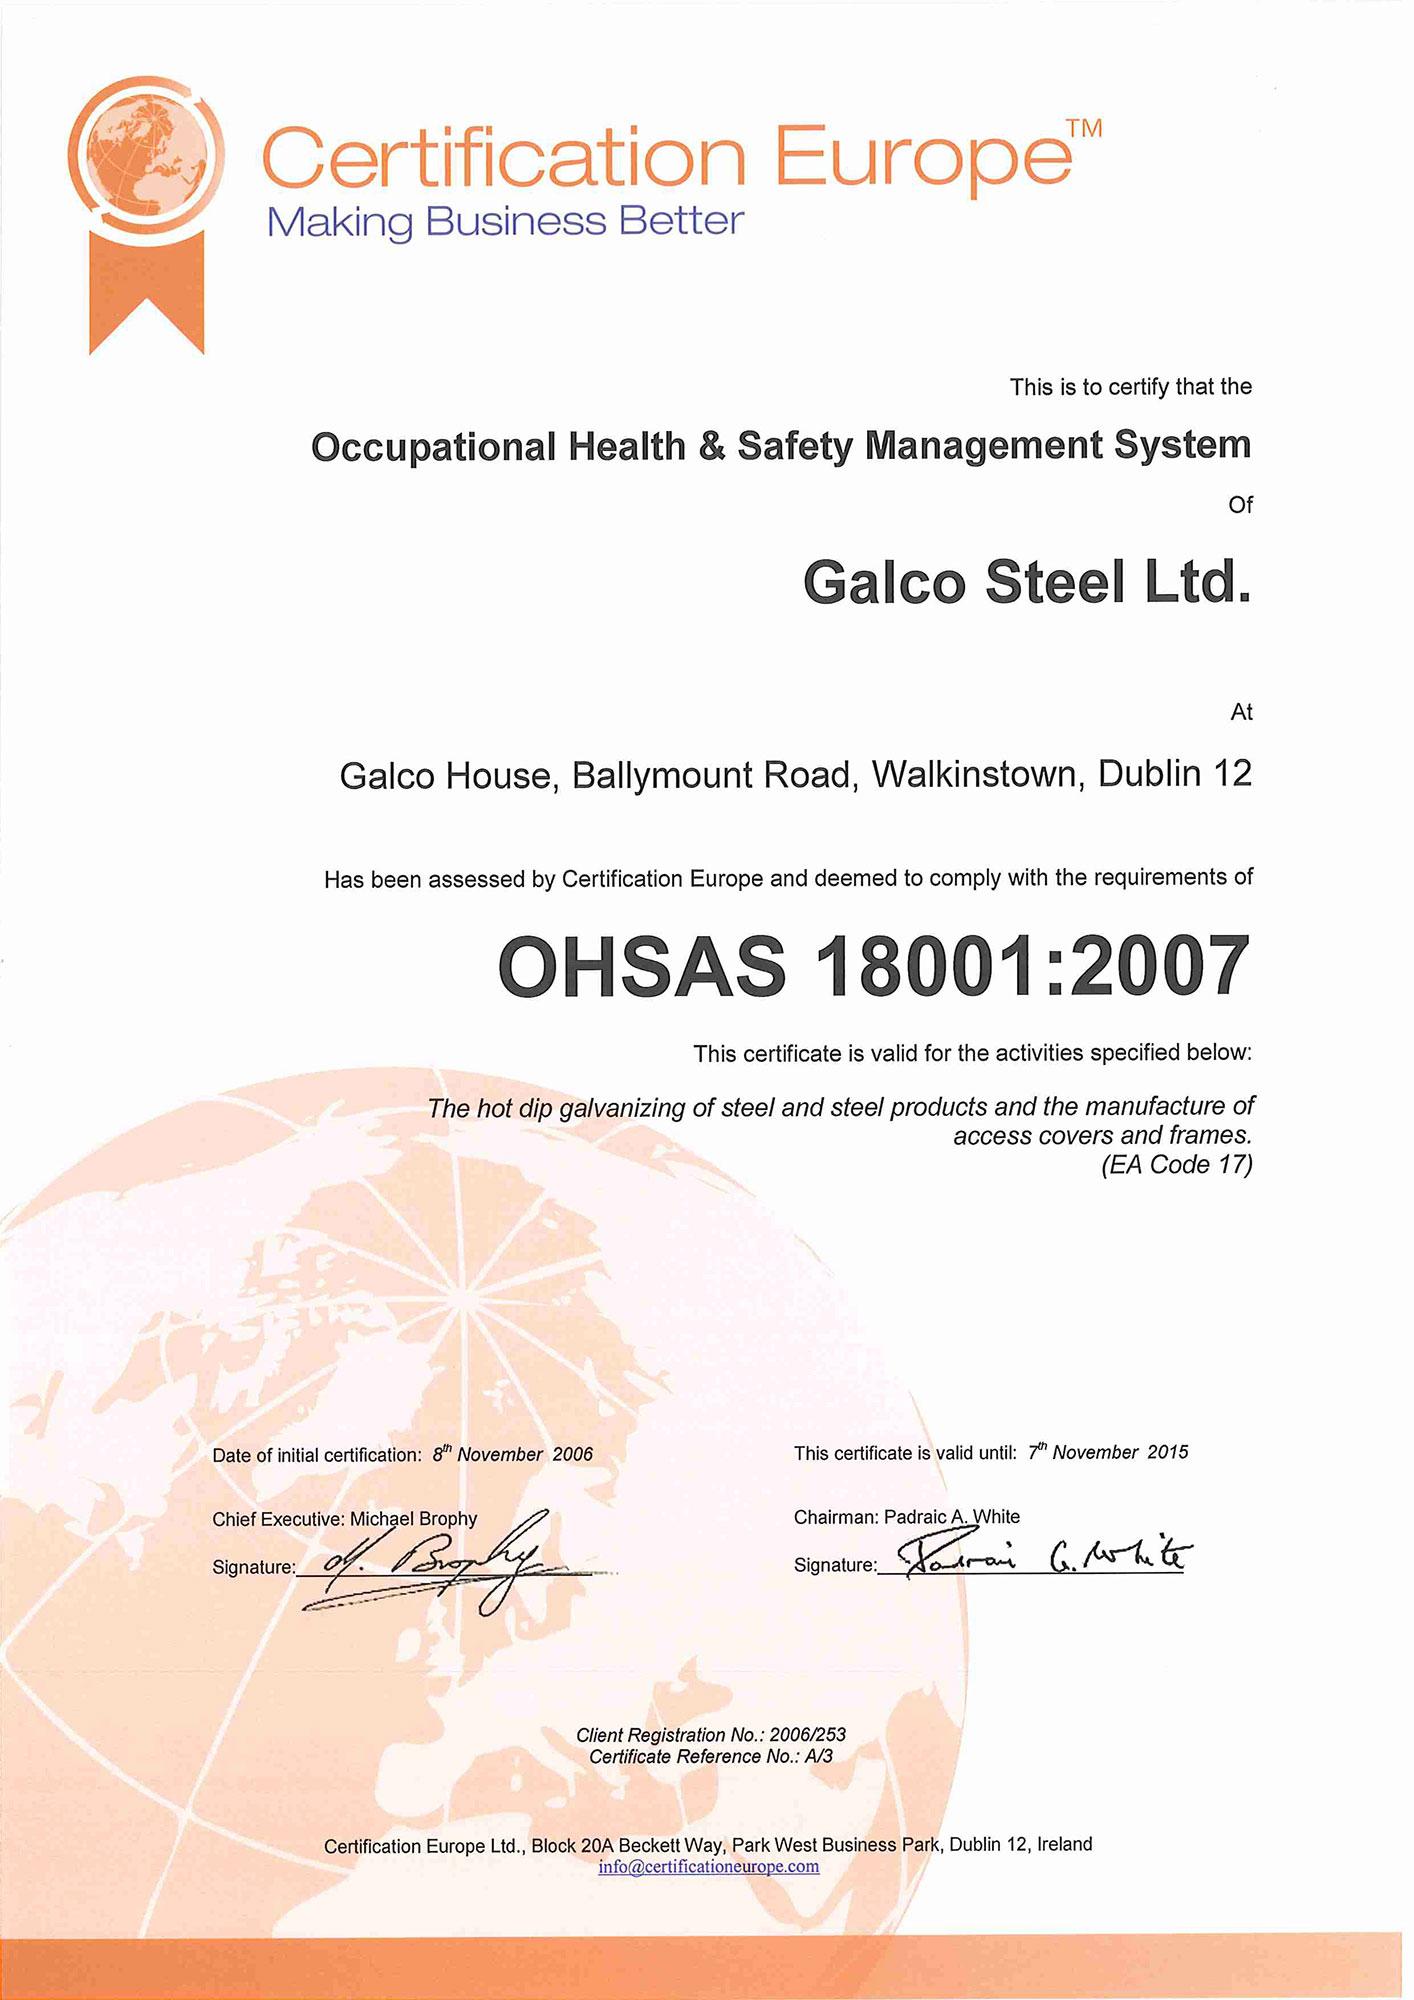 Galco OHSAS1 8001 2007